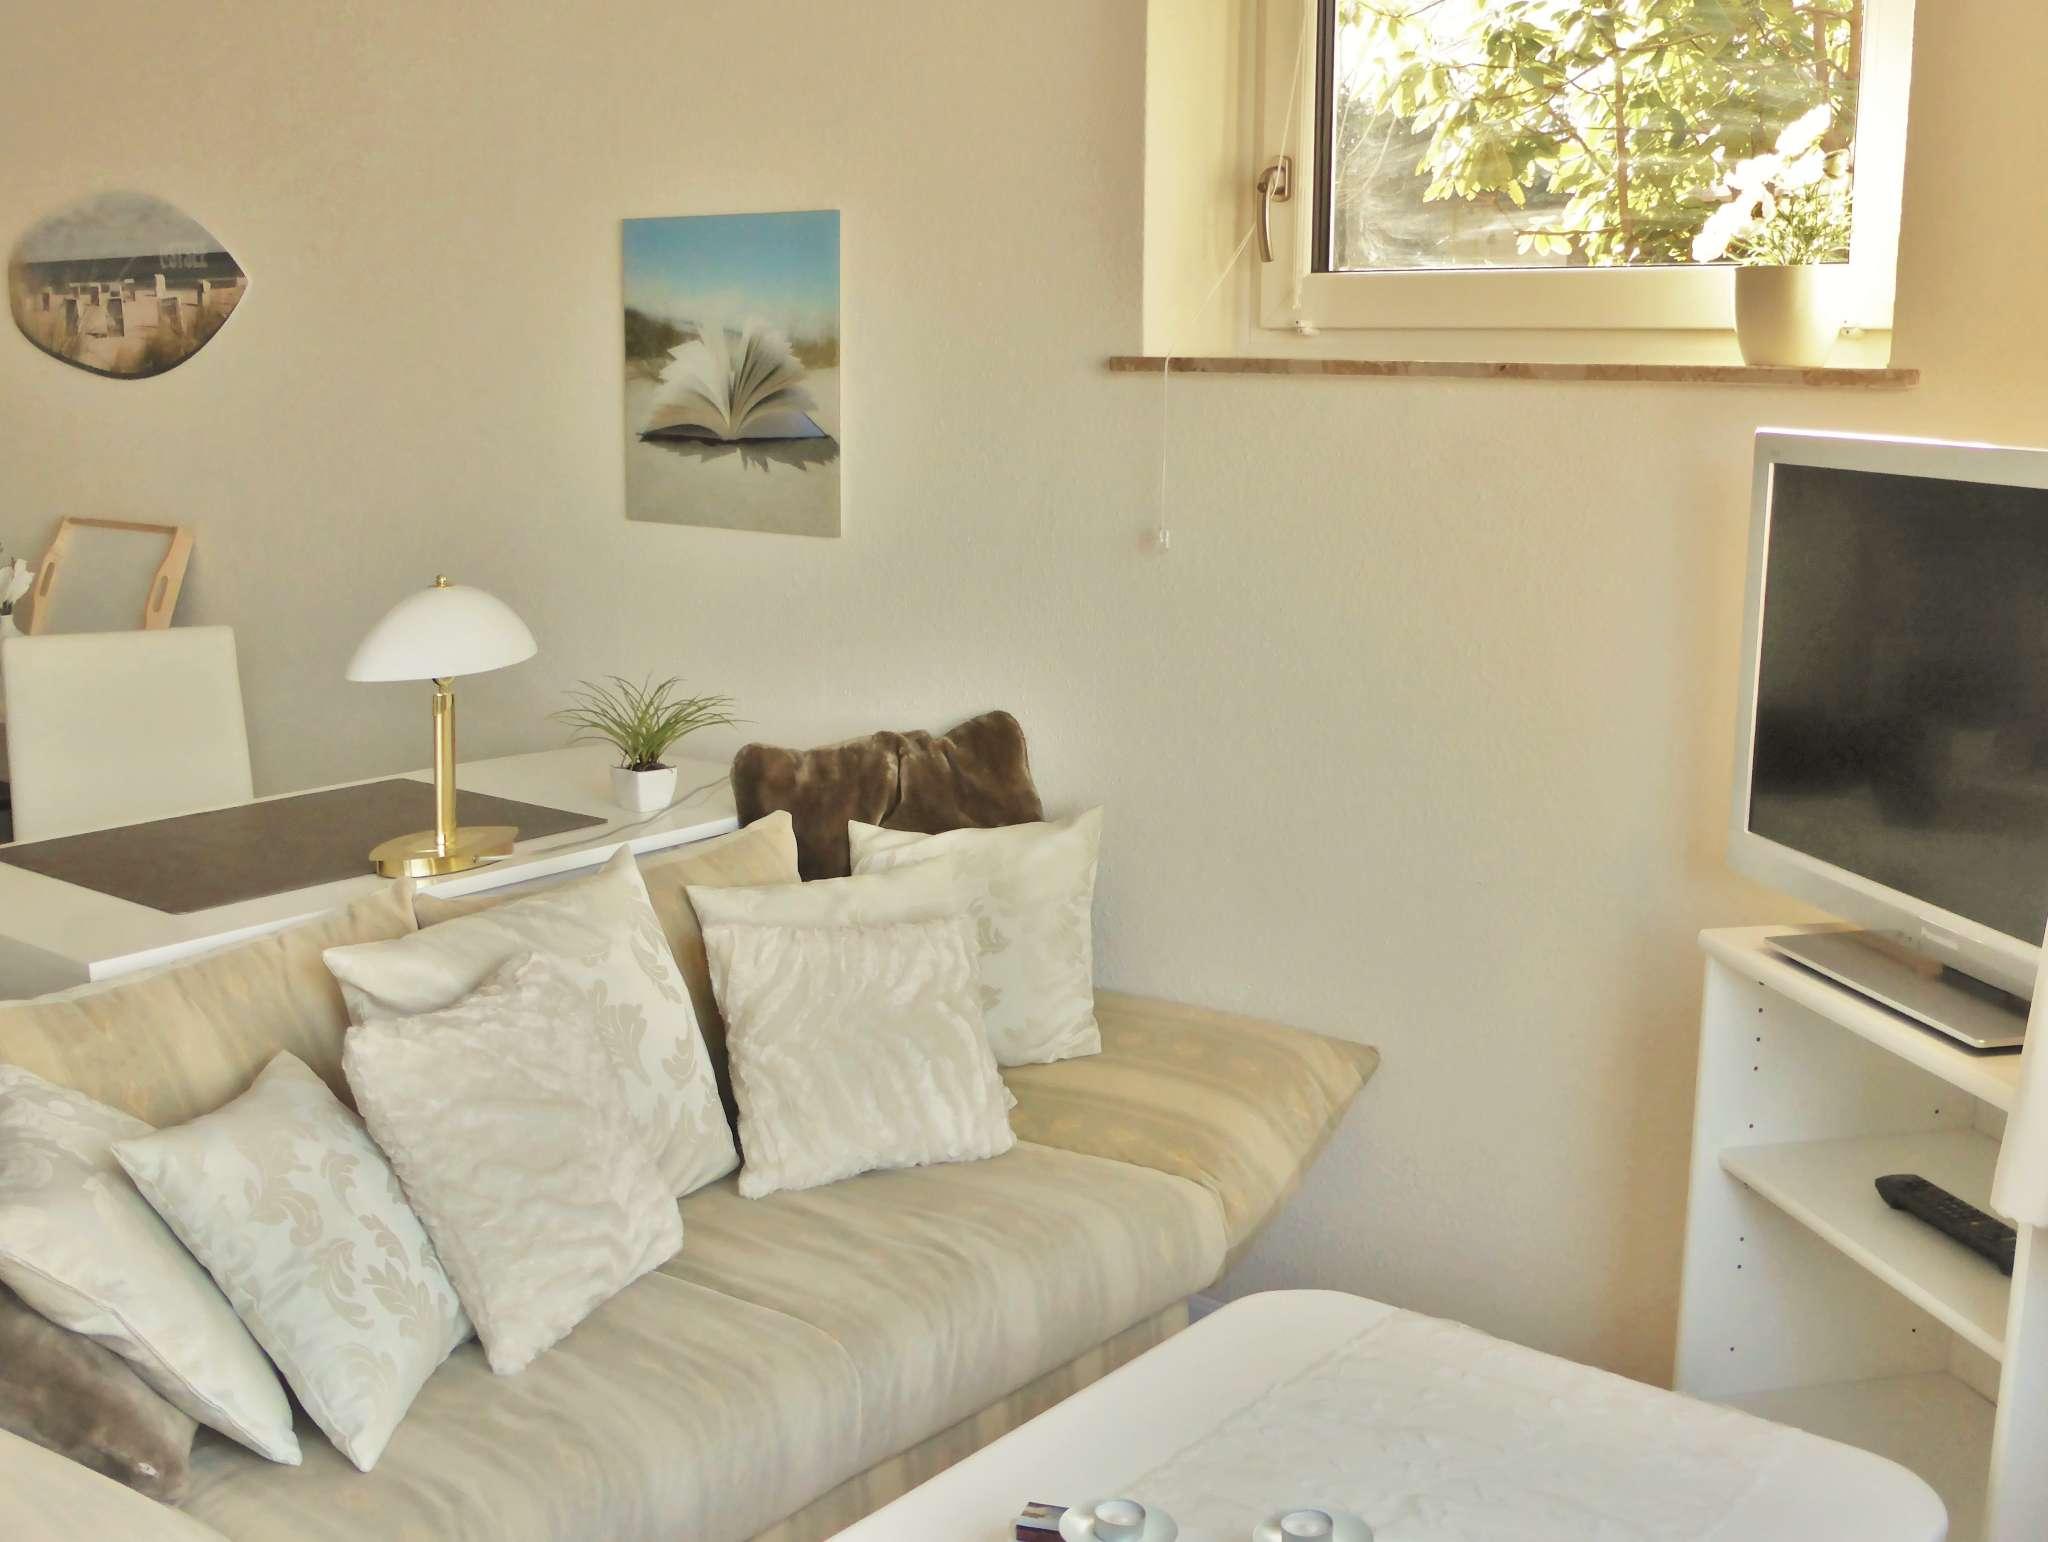 Wohnzimmer (Teilaspekt)